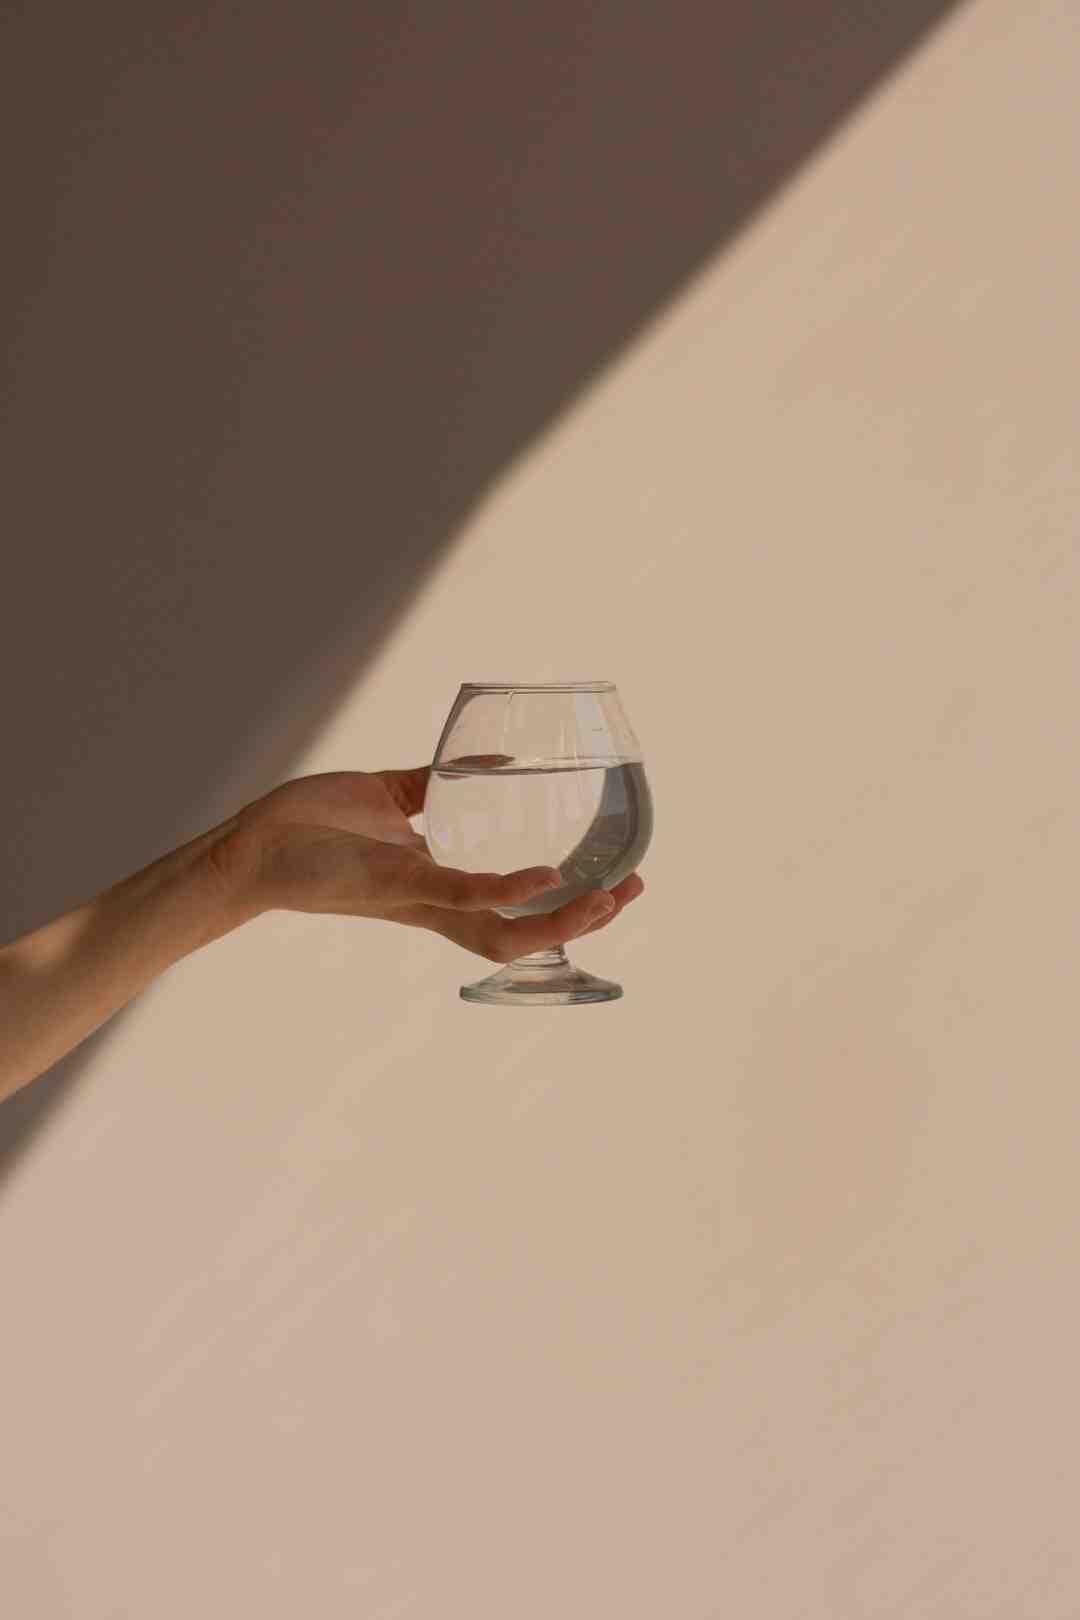 Quelle peinture utiliser sur du verre ?